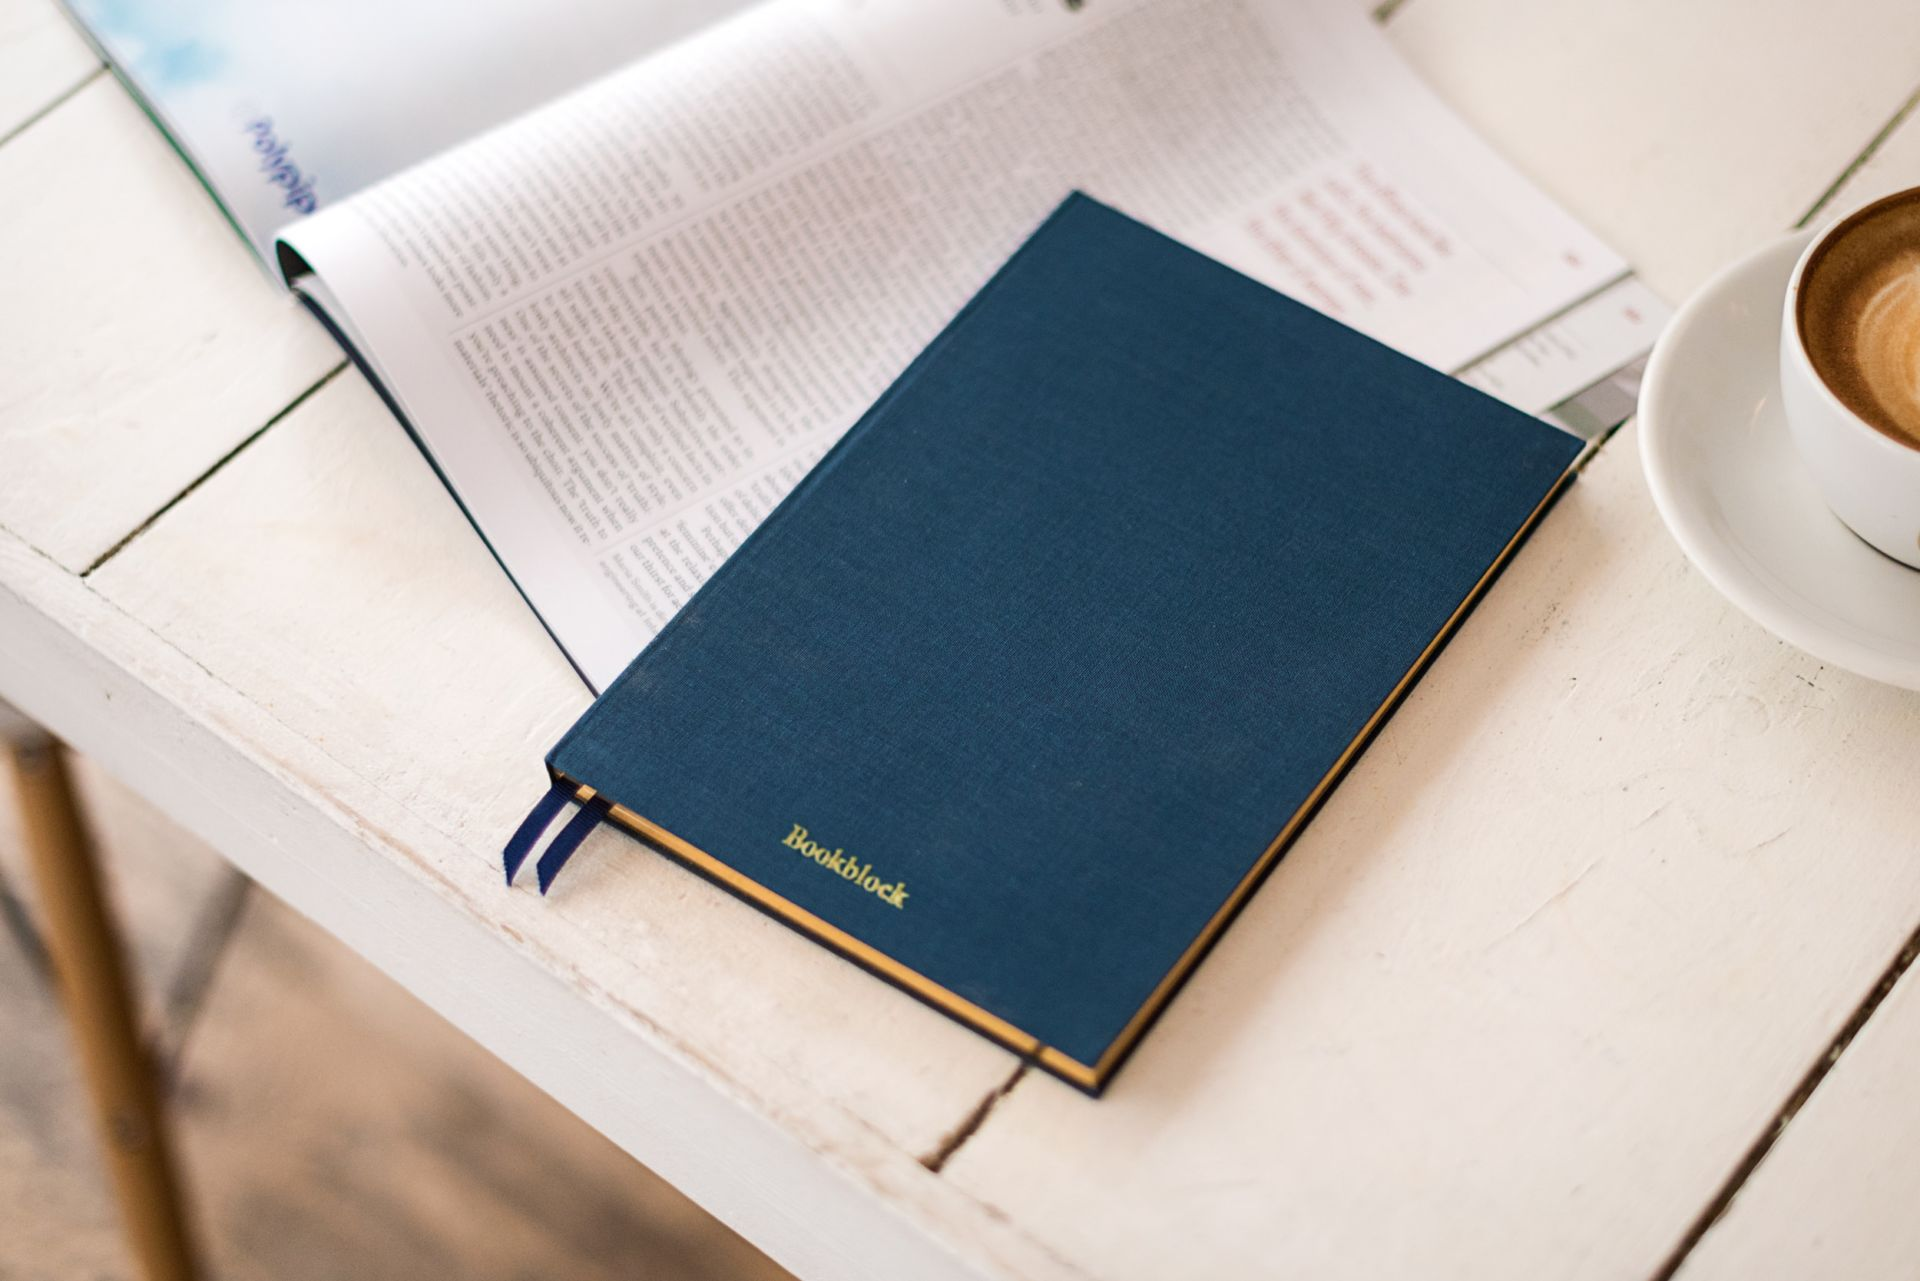 Sininen muistikirja, aikakausilehti ja kahvikuppi pöydällä.